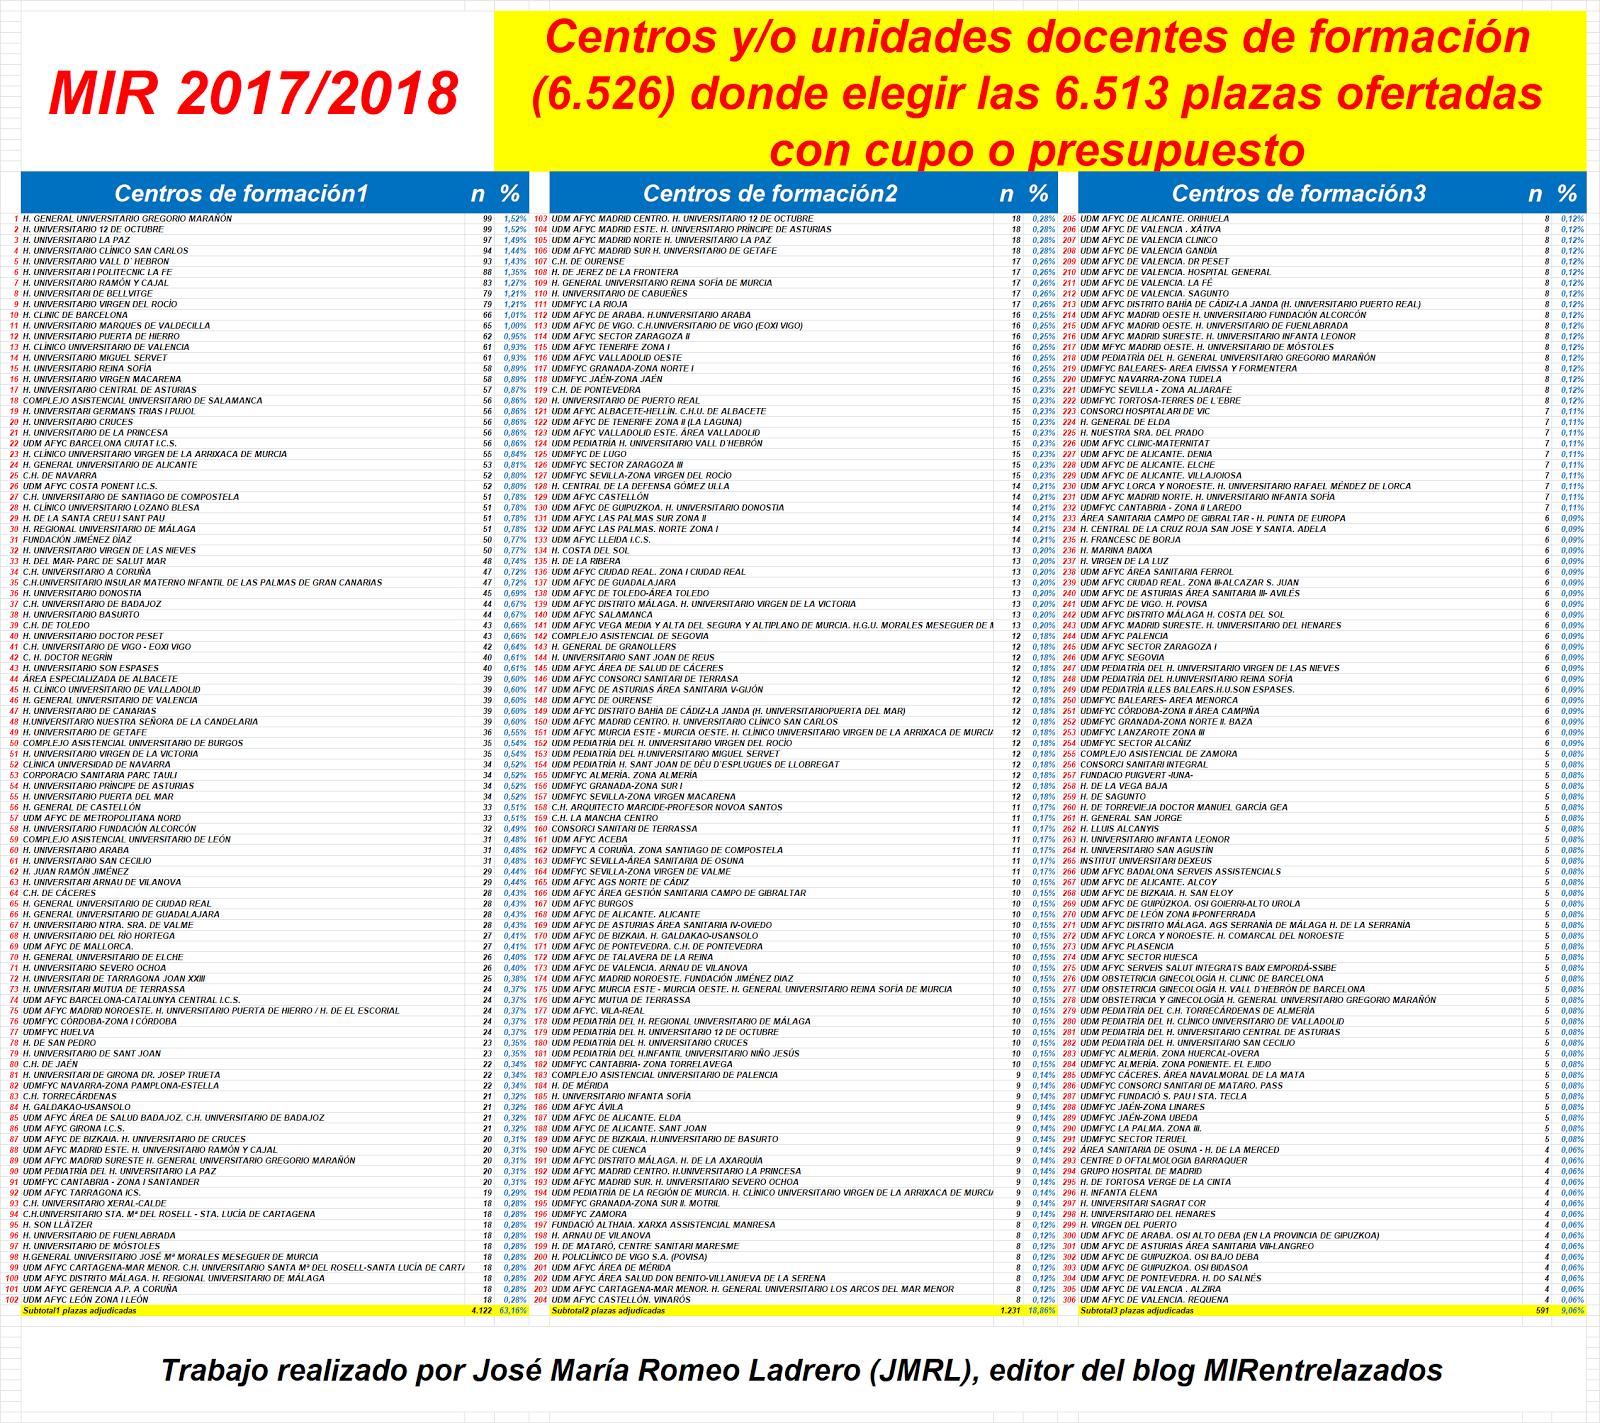 Mirentrelazados los lugares y centros o unidades for Convocatoria de plazas docentes 2017